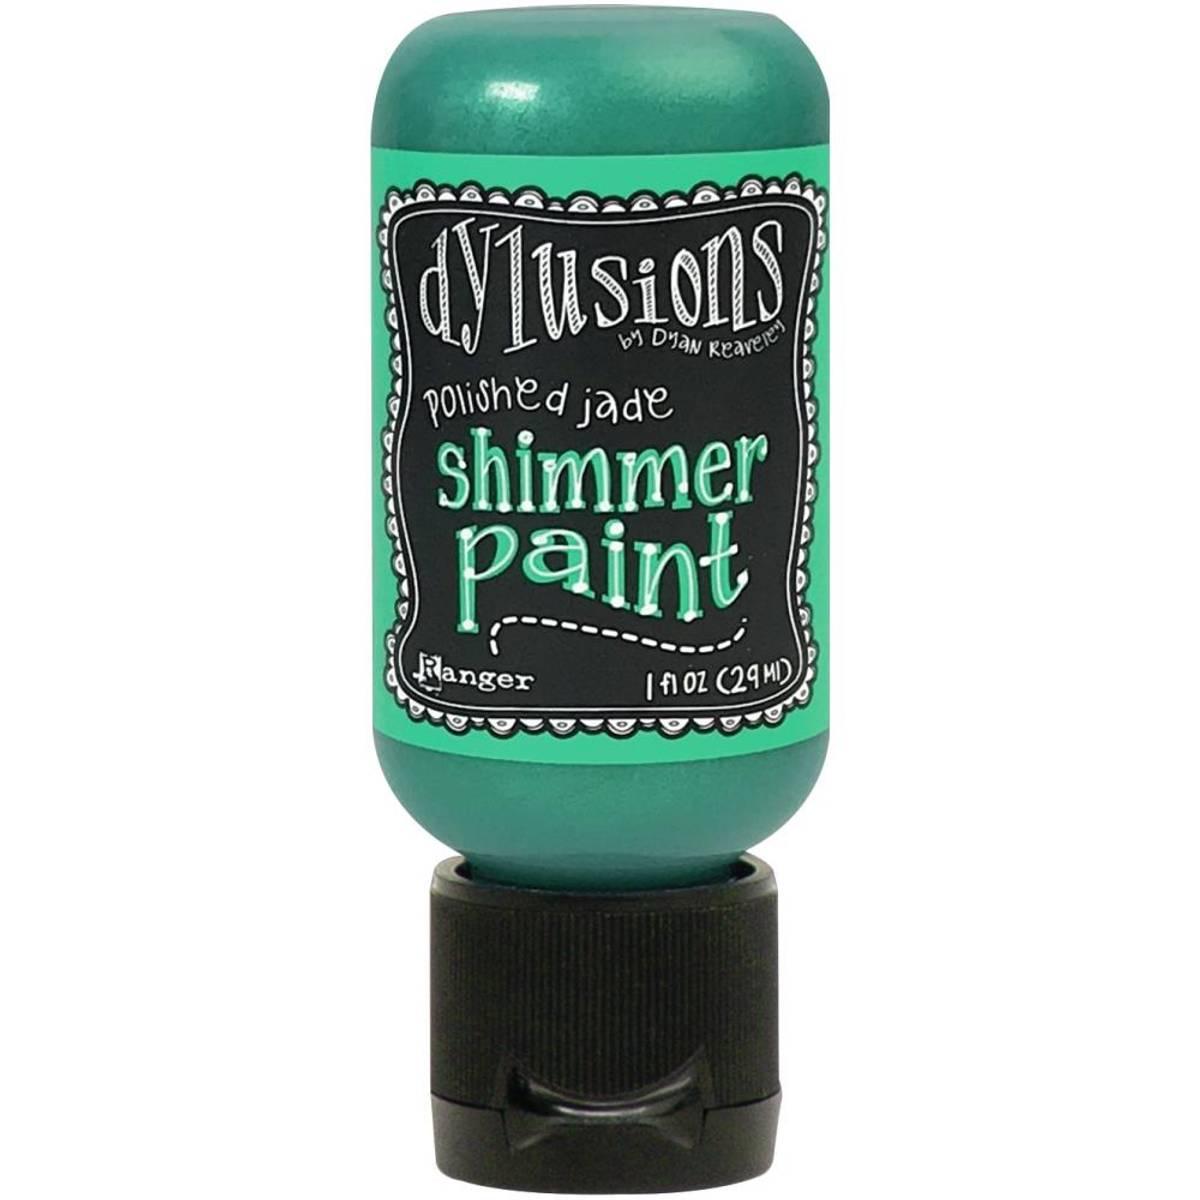 Shimmer Paint 1oz; Polished Jade